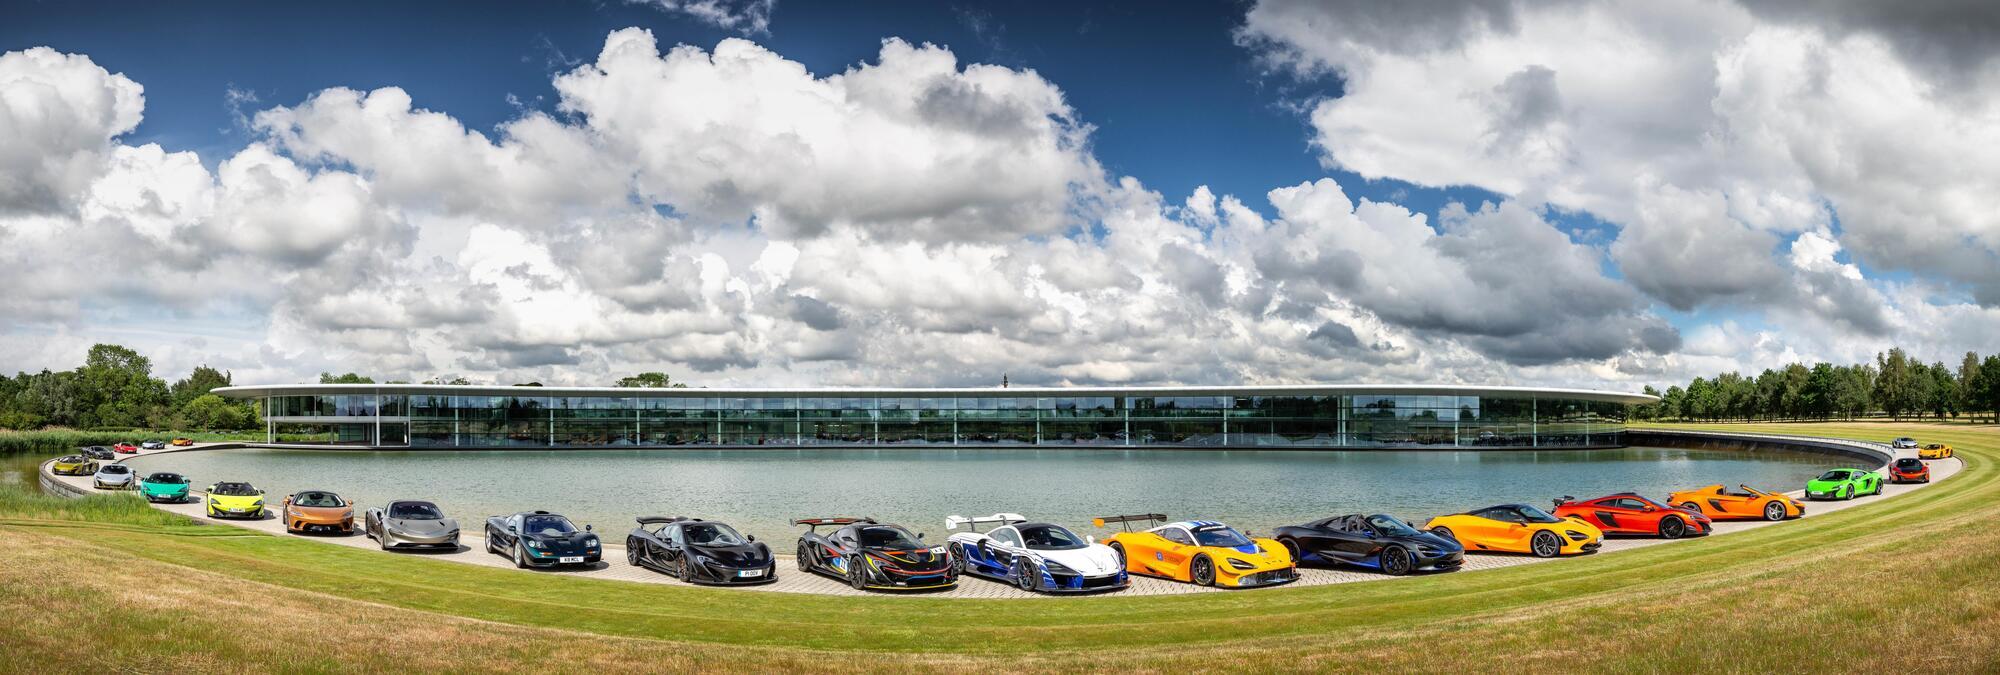 Автомобильные музеи мира